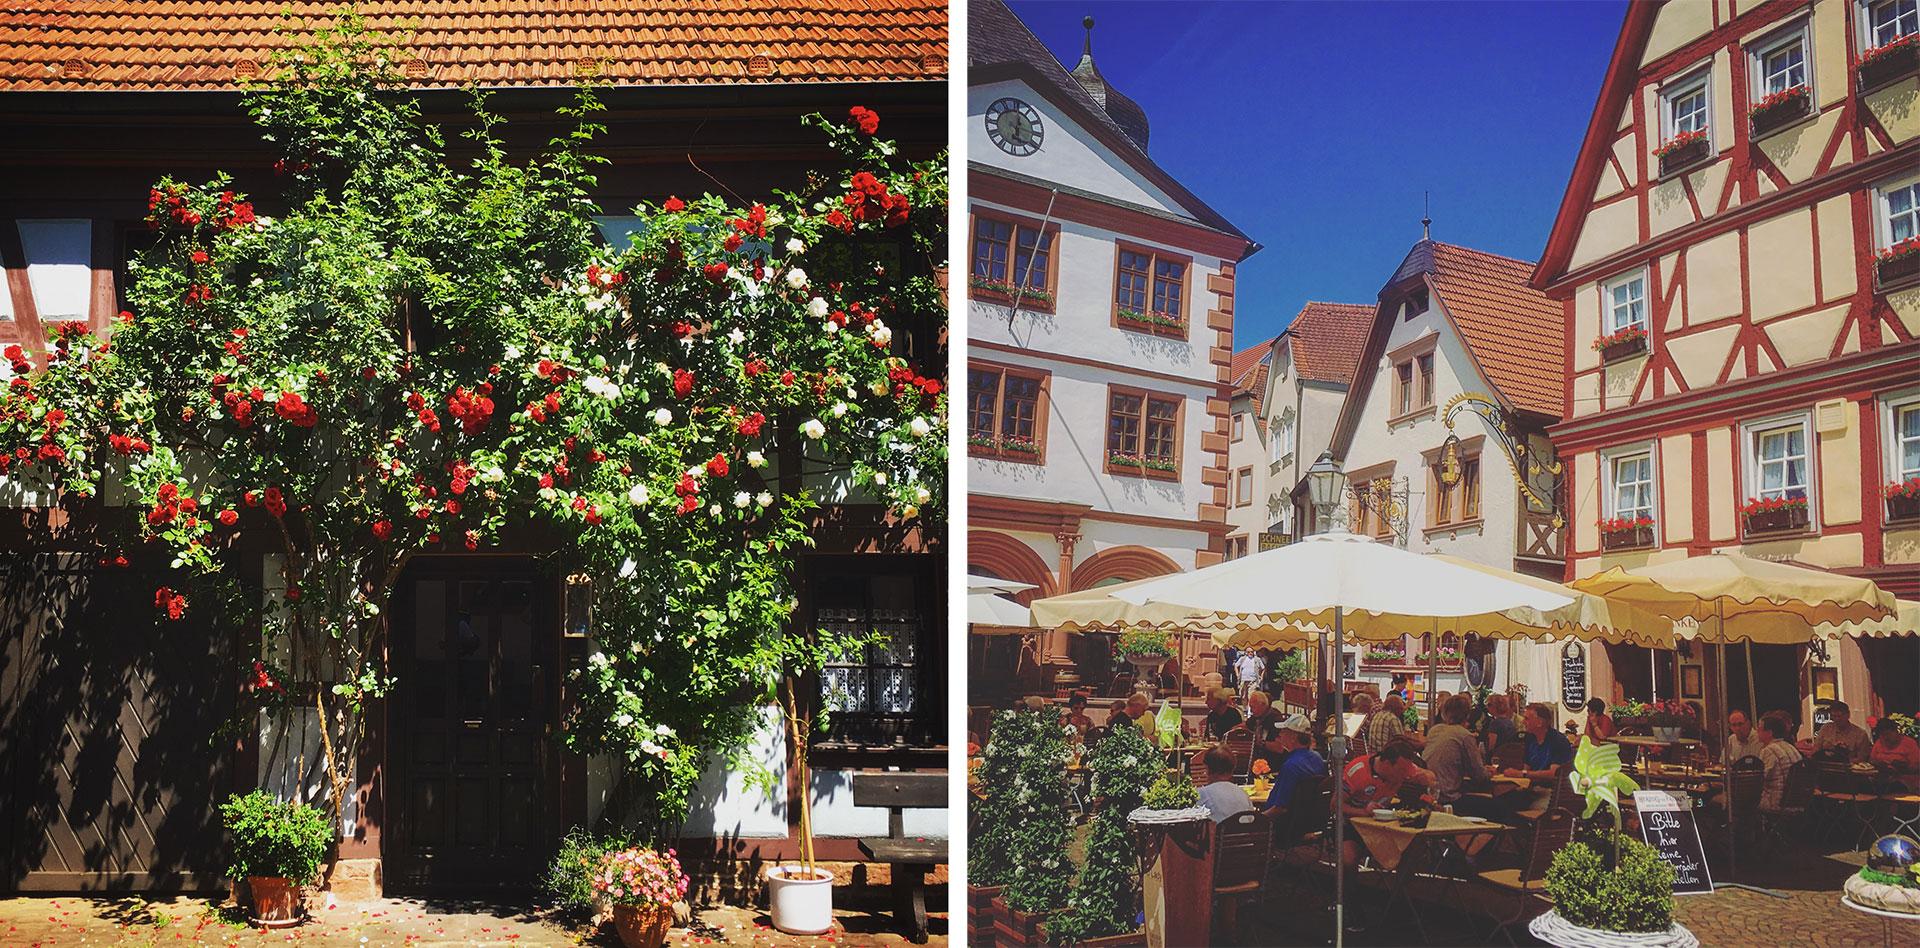 Die Altstadt von Lohr am Main lädt mit seinen verwinkelten Gassen zum Bummeln und Verweilen.